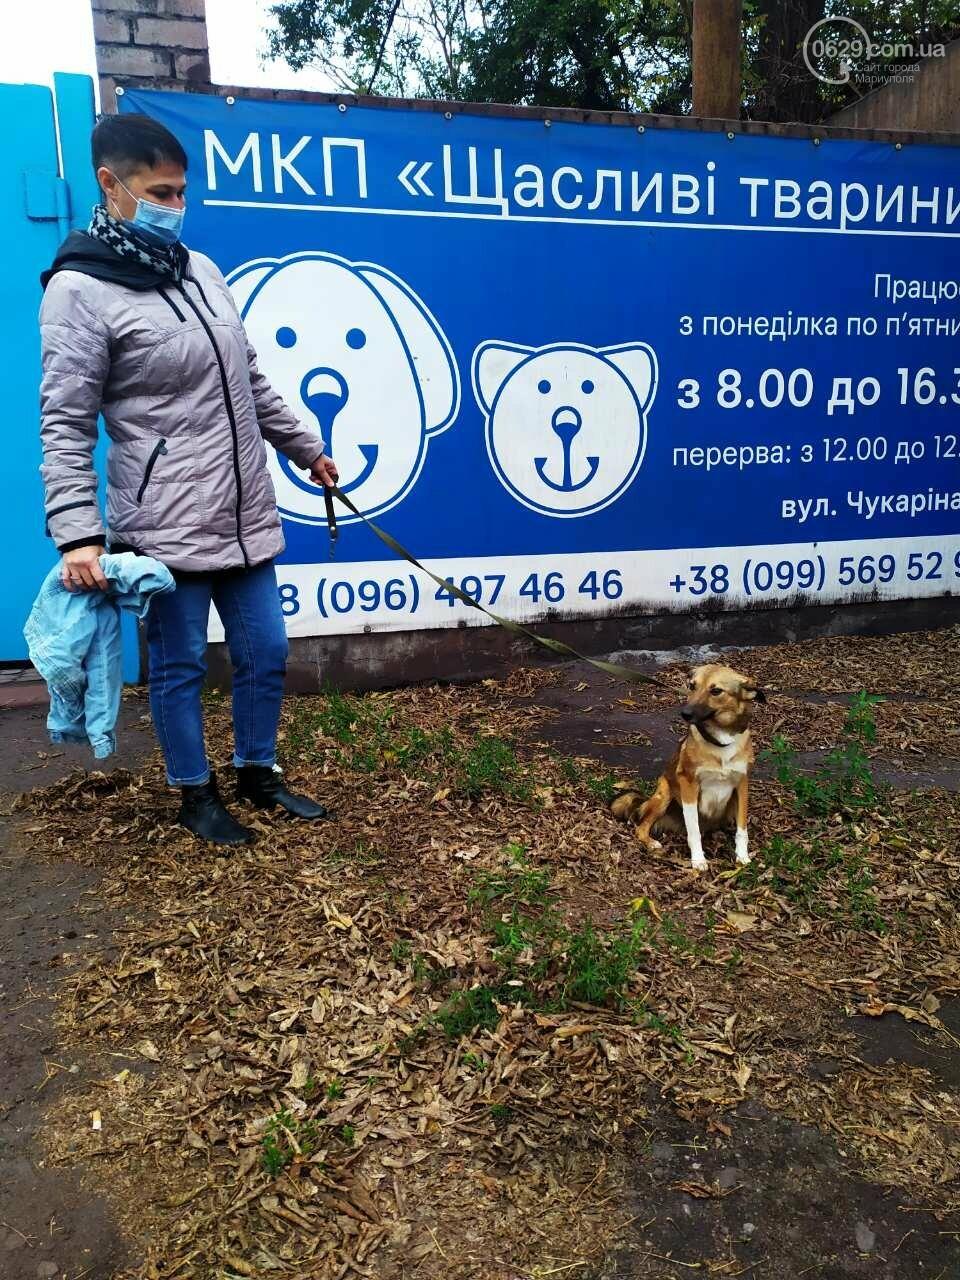 В Мариуполе жестоко надругались над собакой, - ФОТО, фото-1